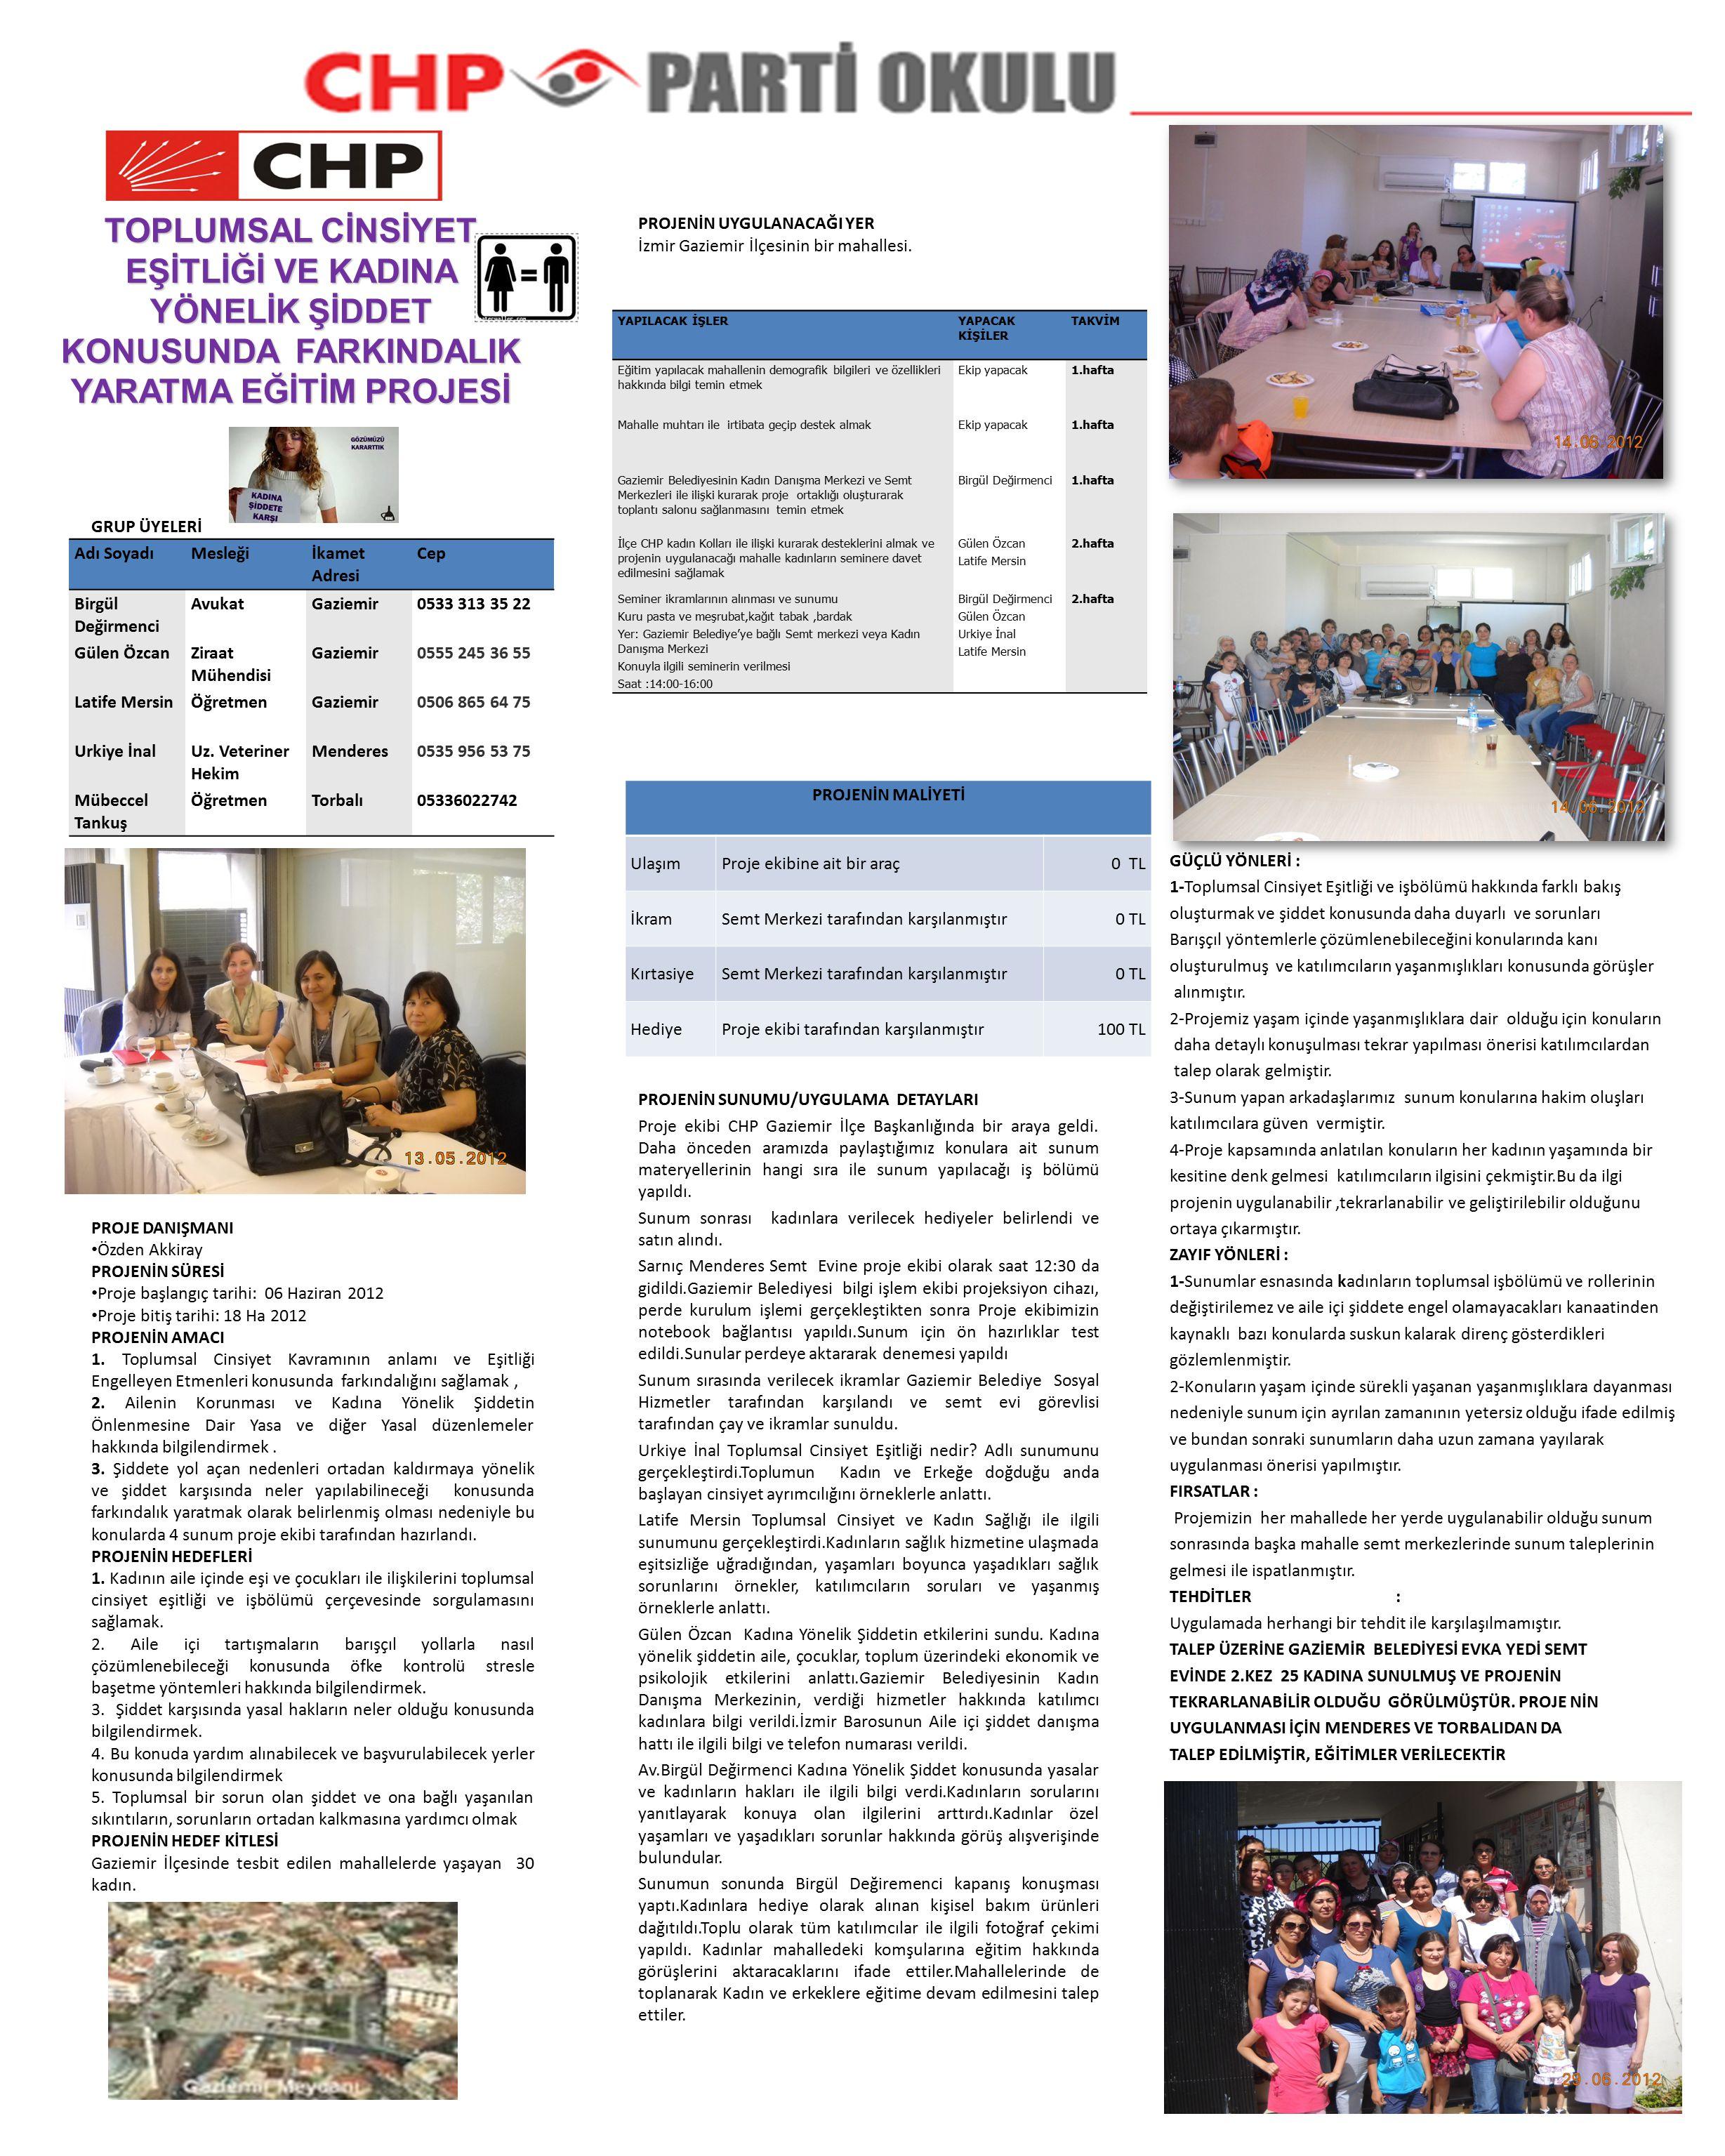 GRUP ÜYELERİ PROJE DANIŞMANI Özden Akkiray PROJENİN SÜRESİ Proje başlangıç tarihi: 06 Haziran 2012 Proje bitiş tarihi: 18 Ha 2012 PROJENİN AMACI 1.